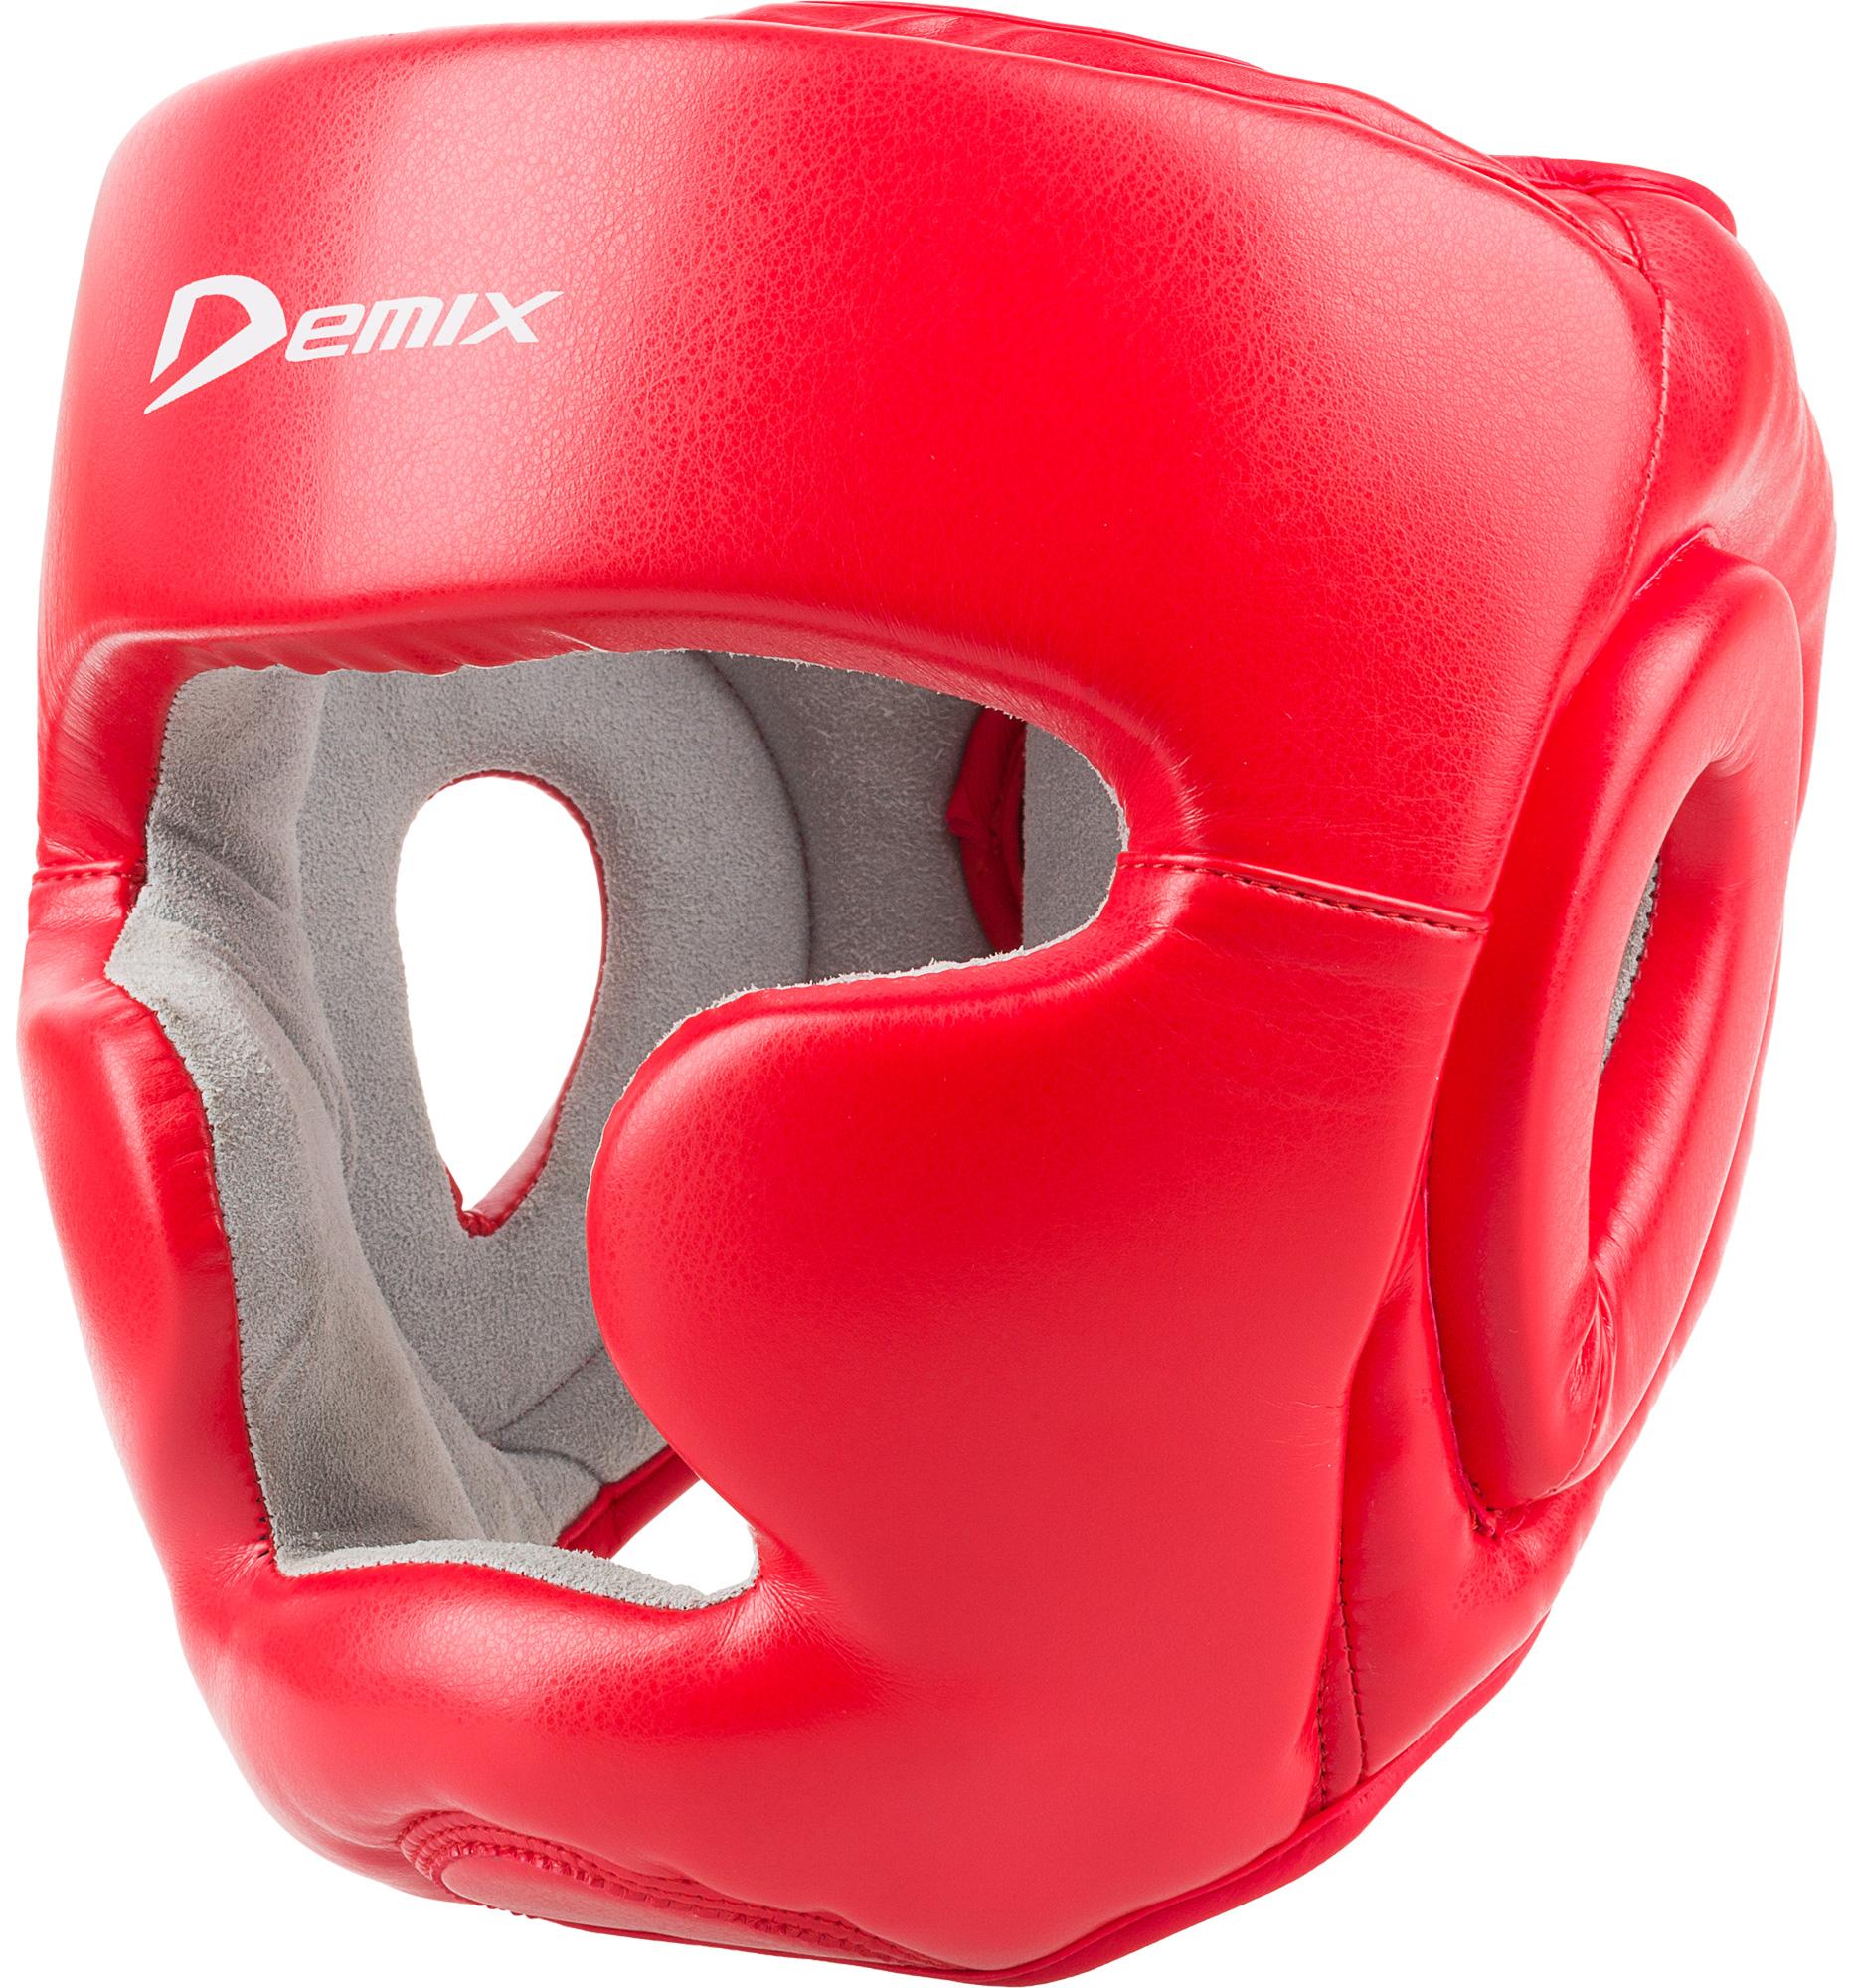 Demix Шлем тренировочный Demix demix шлем тренировочный детский demix